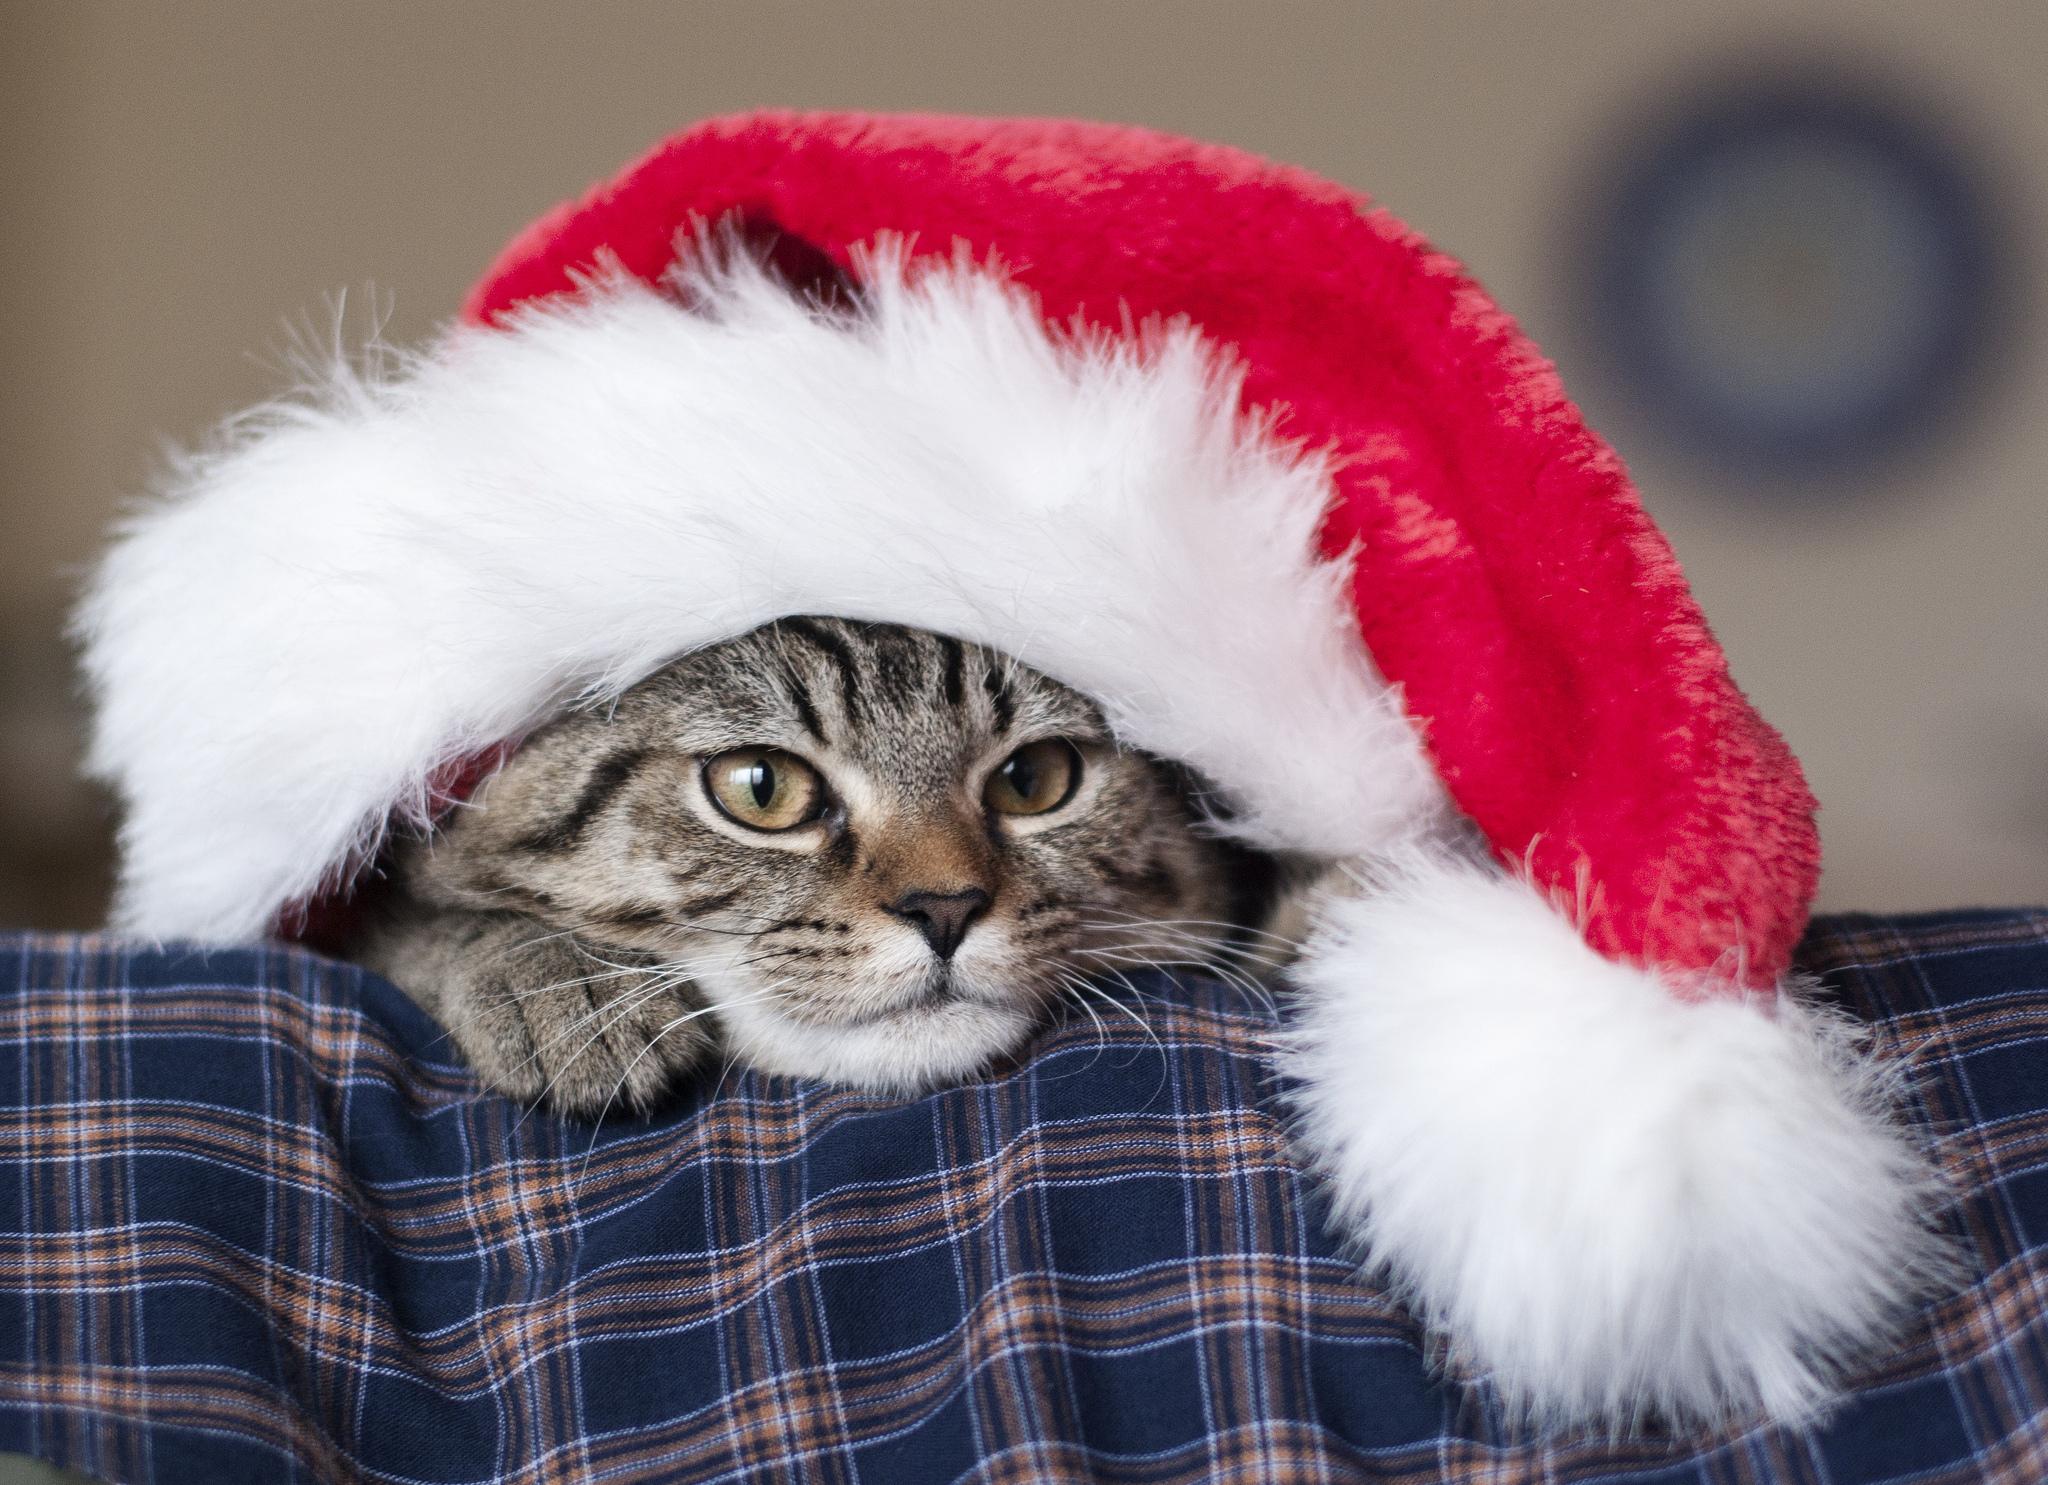 69462 Salvapantallas y fondos de pantalla Año Nuevo en tu teléfono. Descarga imágenes de Animales, Gato, Sombrero De Santa Claus, Sombrero De Papá Noel, Año Nuevo, Bozal gratis